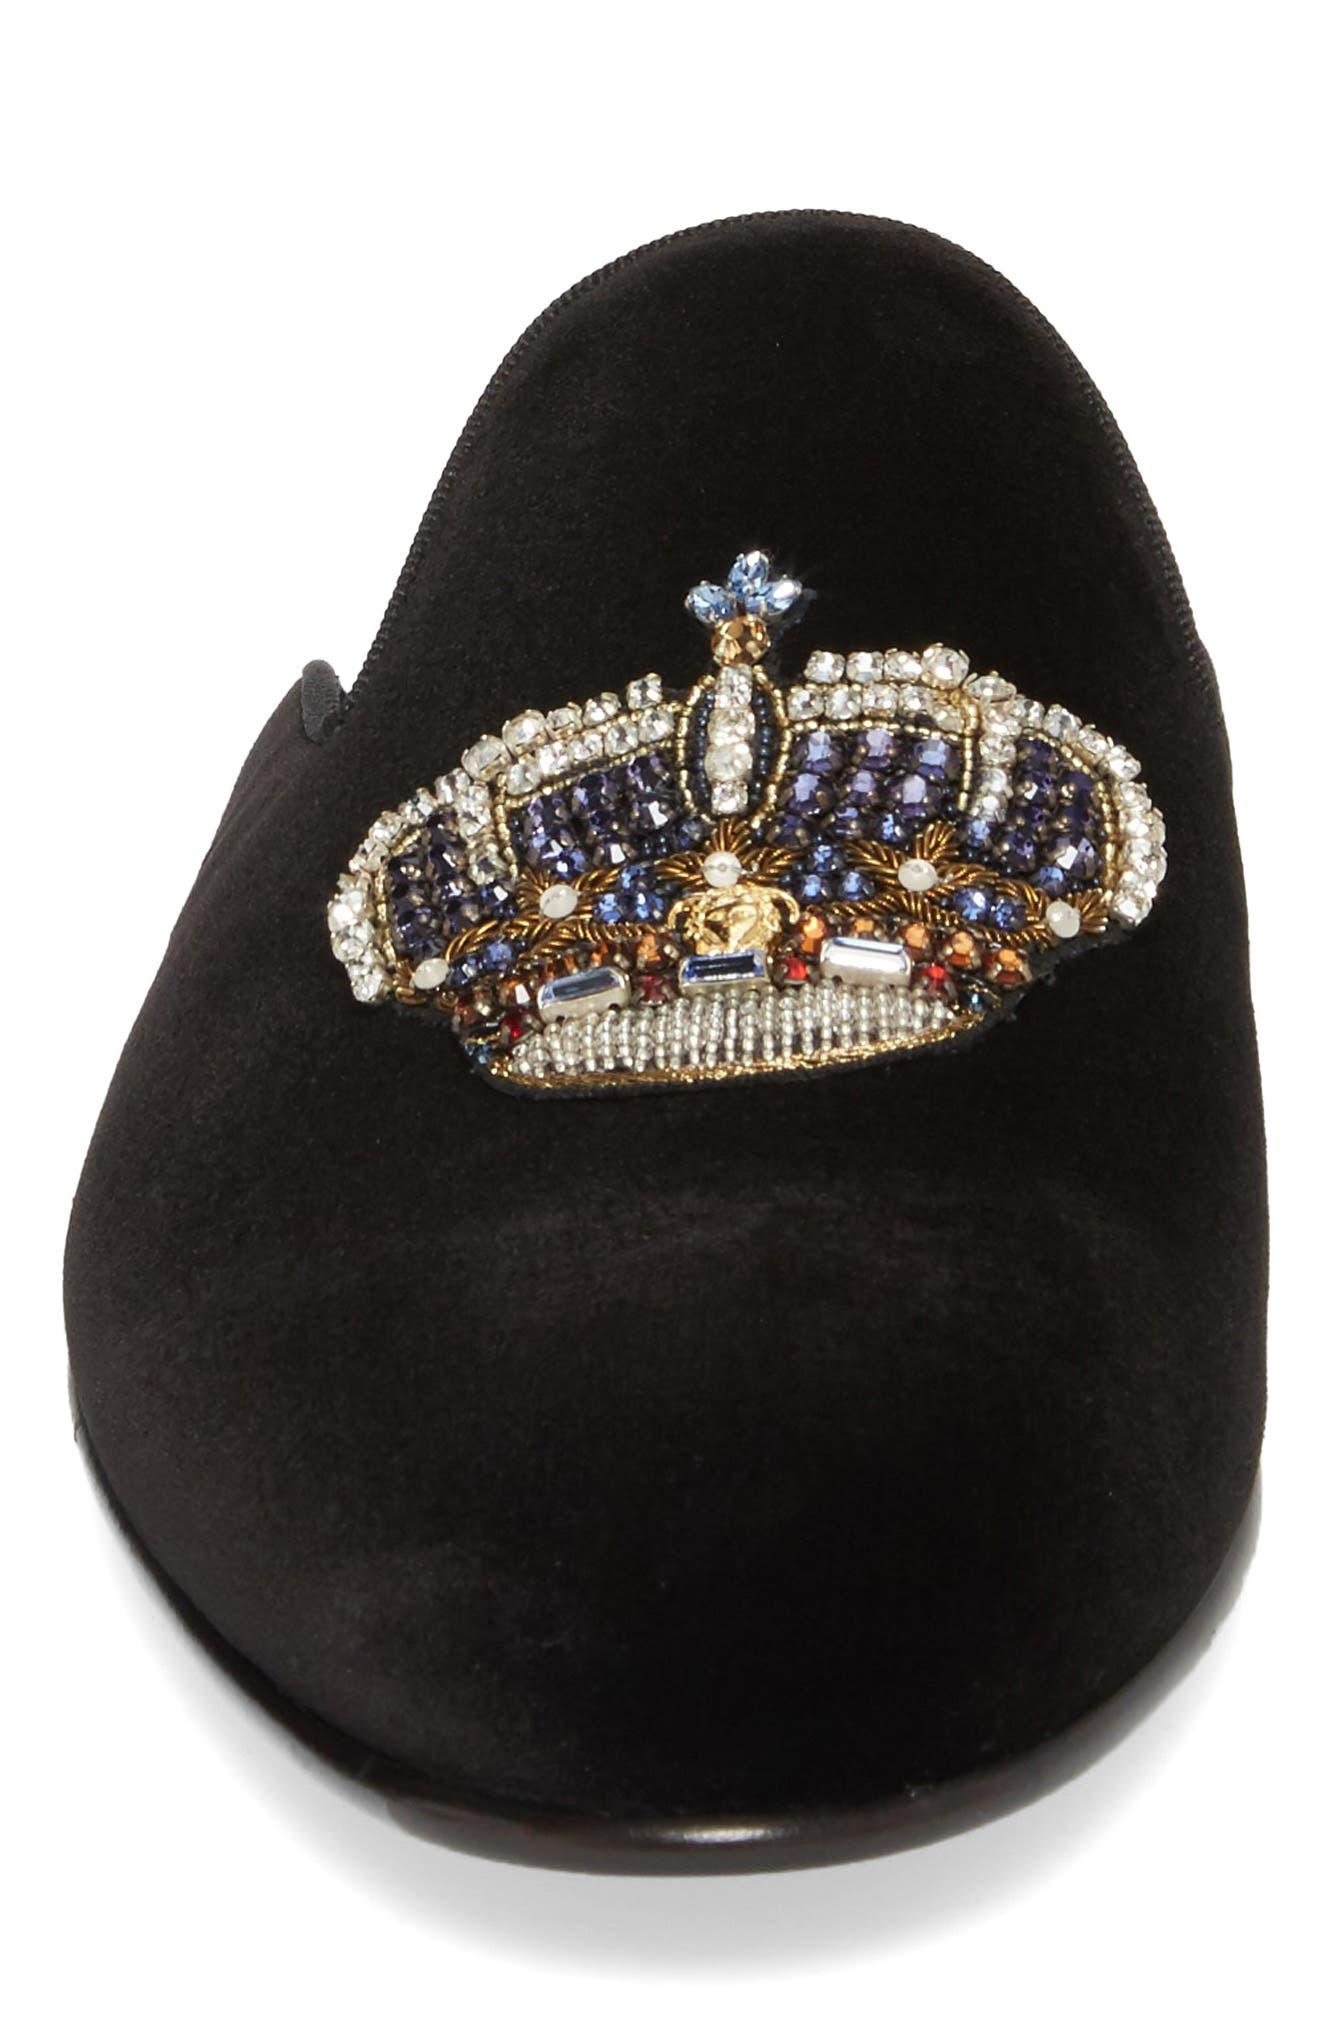 Gianni Embellished Crown Loafer Mule,                             Alternate thumbnail 4, color,                             Black Warm Gold